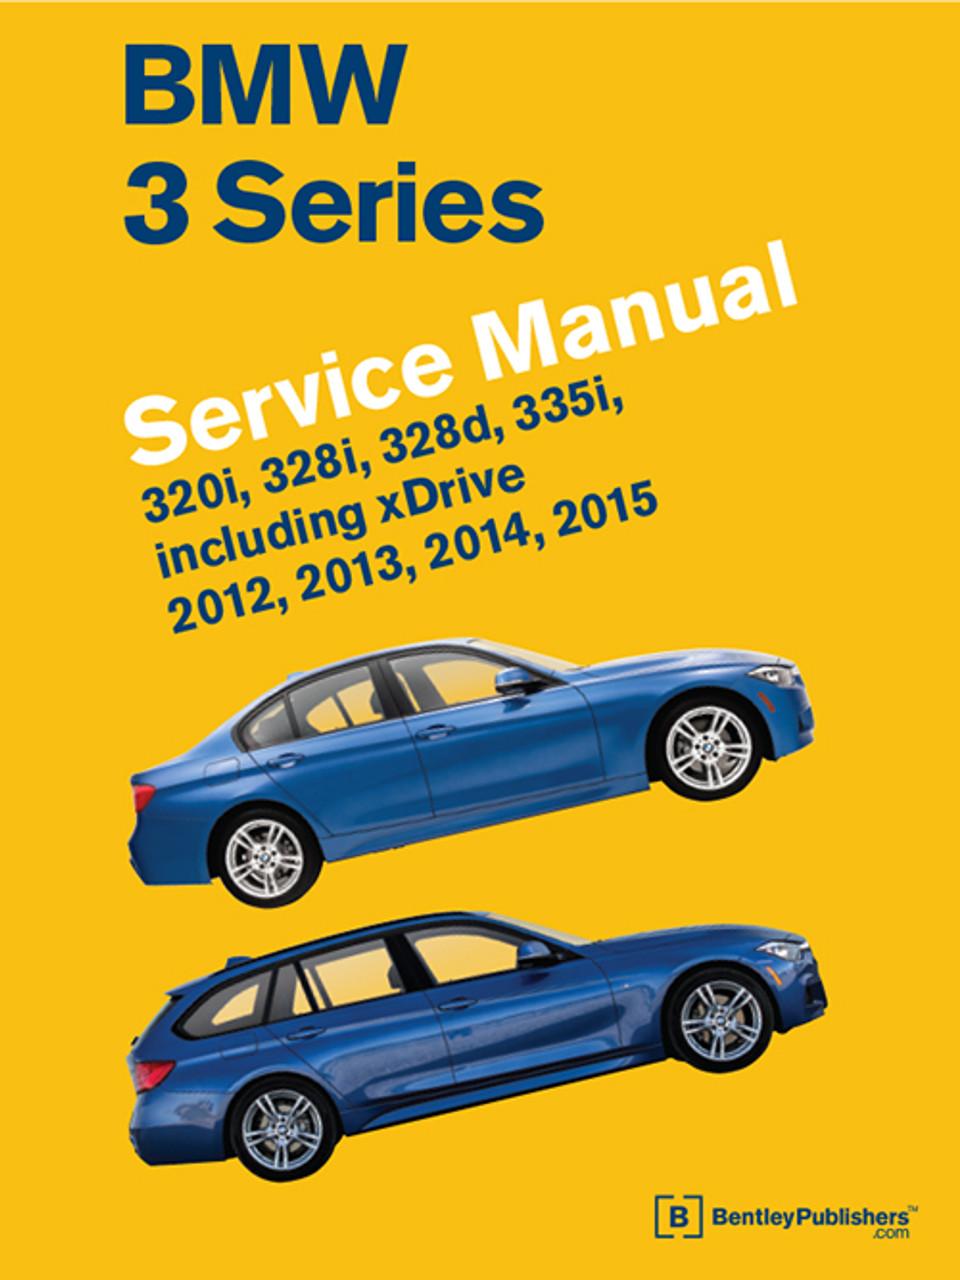 bmw 3 series f30 f31 f34 2012 2015 workshop service manual rh automotobookshop com au JD 318D Specs service manual 315b cat